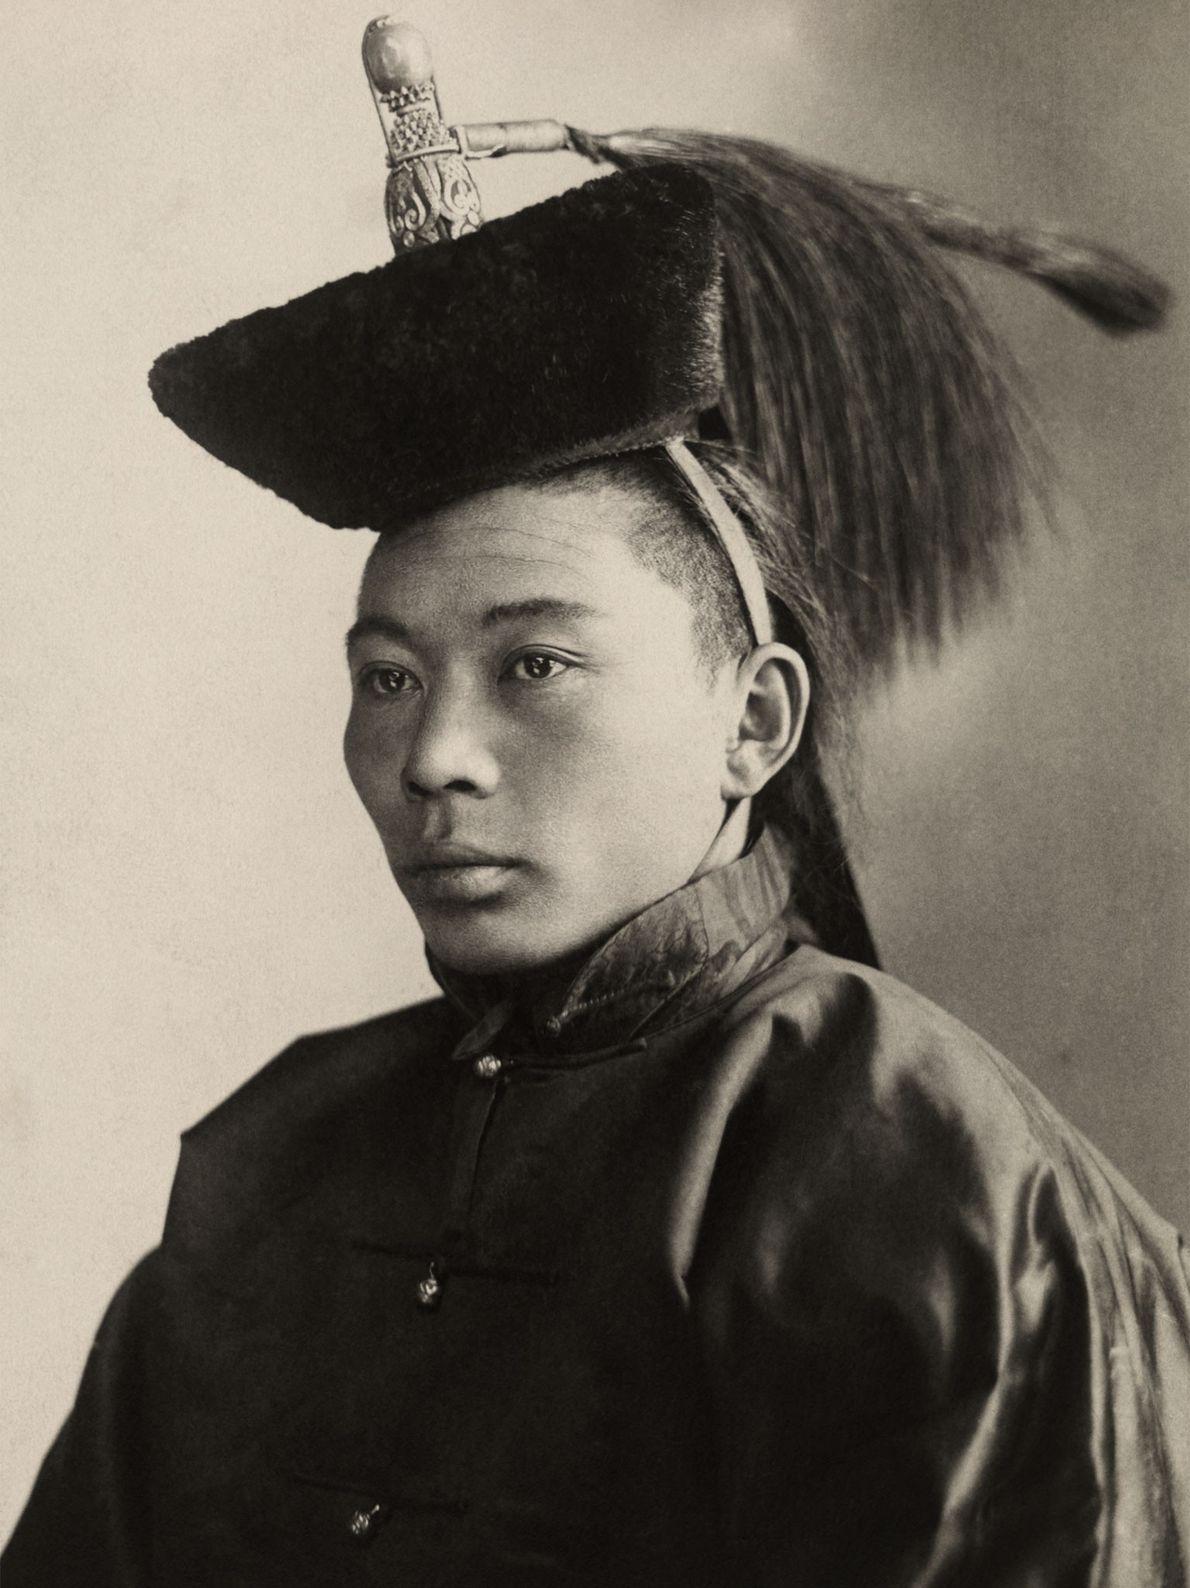 Un jeune prince mongole prend la pose pour une photo avec une coiffe ornée qui indique ...